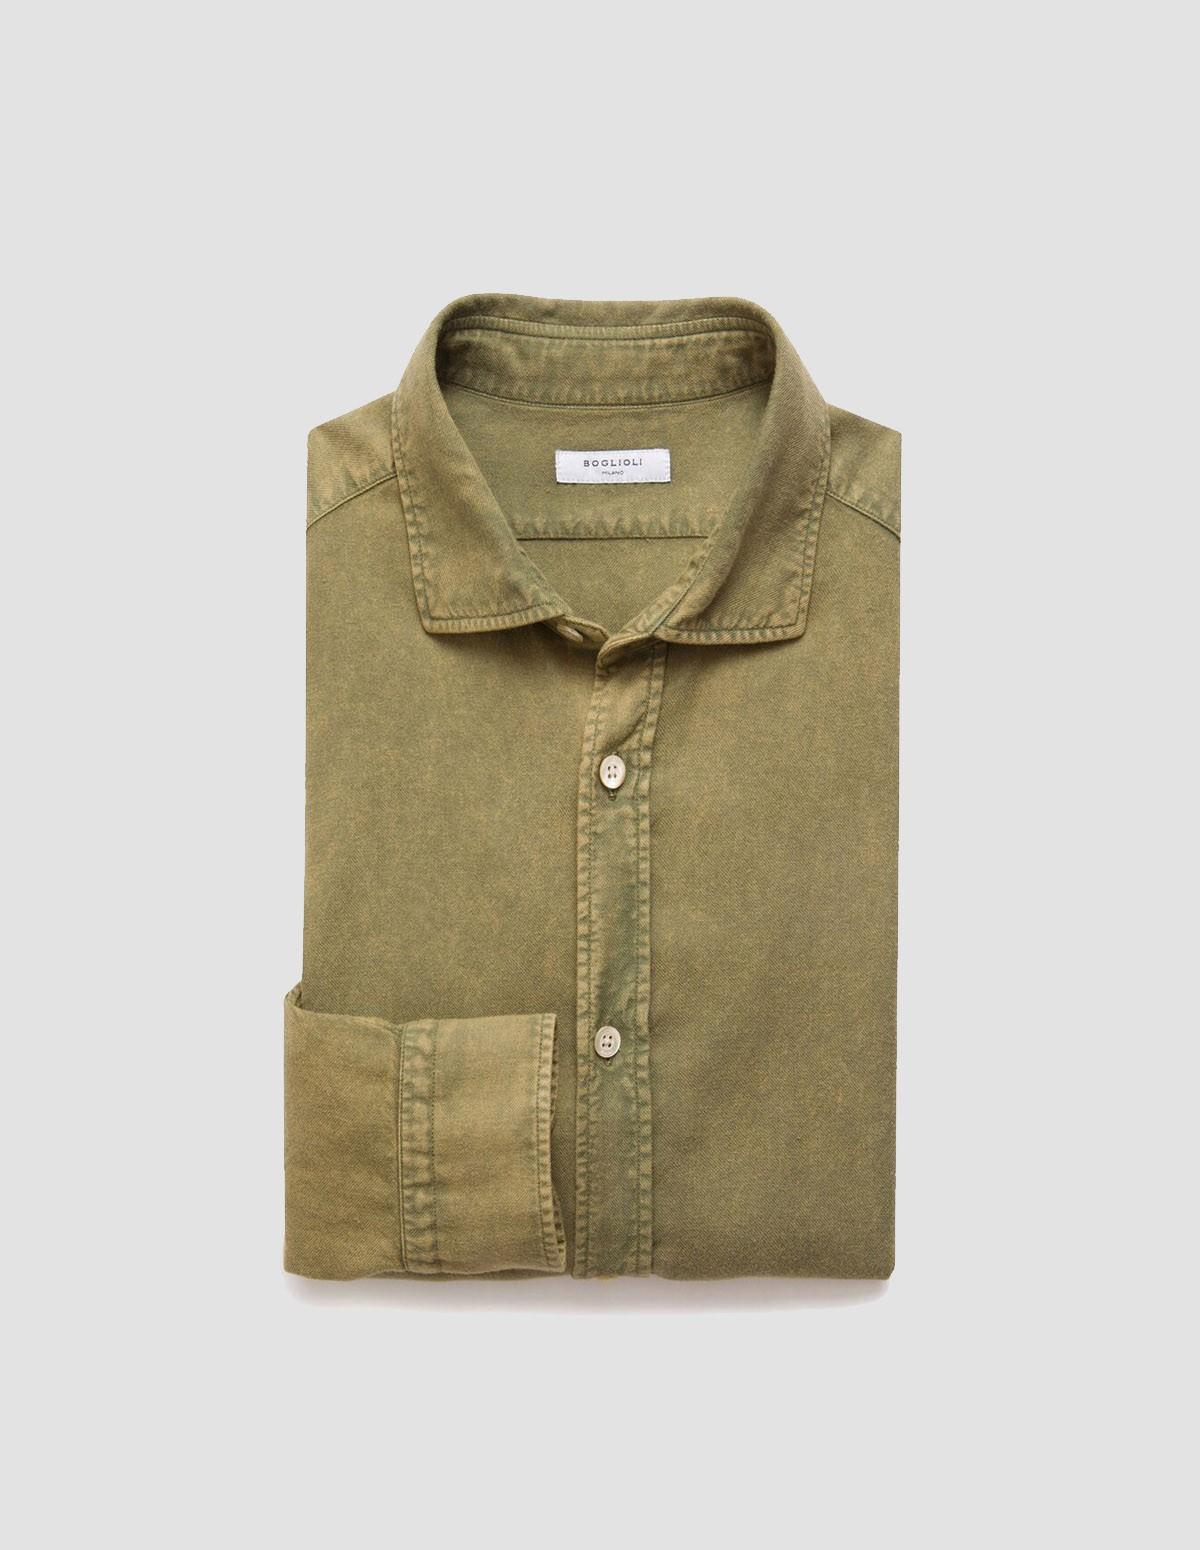 Boglioli Shirt 581t Buc875 - 0568